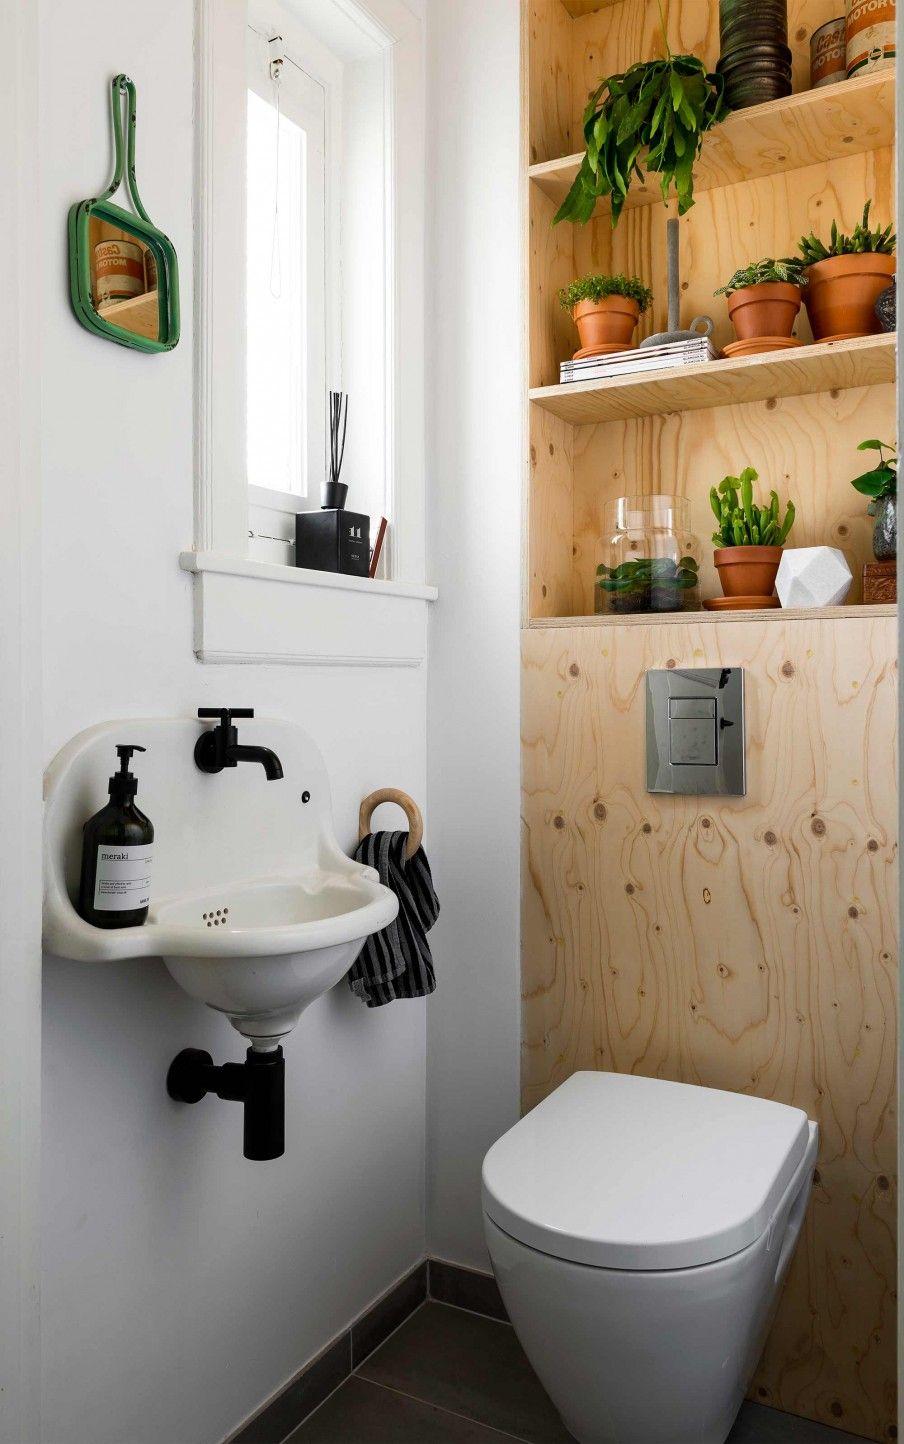 Salle De Bains Toilettes Difference ~  pingl par rachedi sur salle de bains pinterest la diff rence